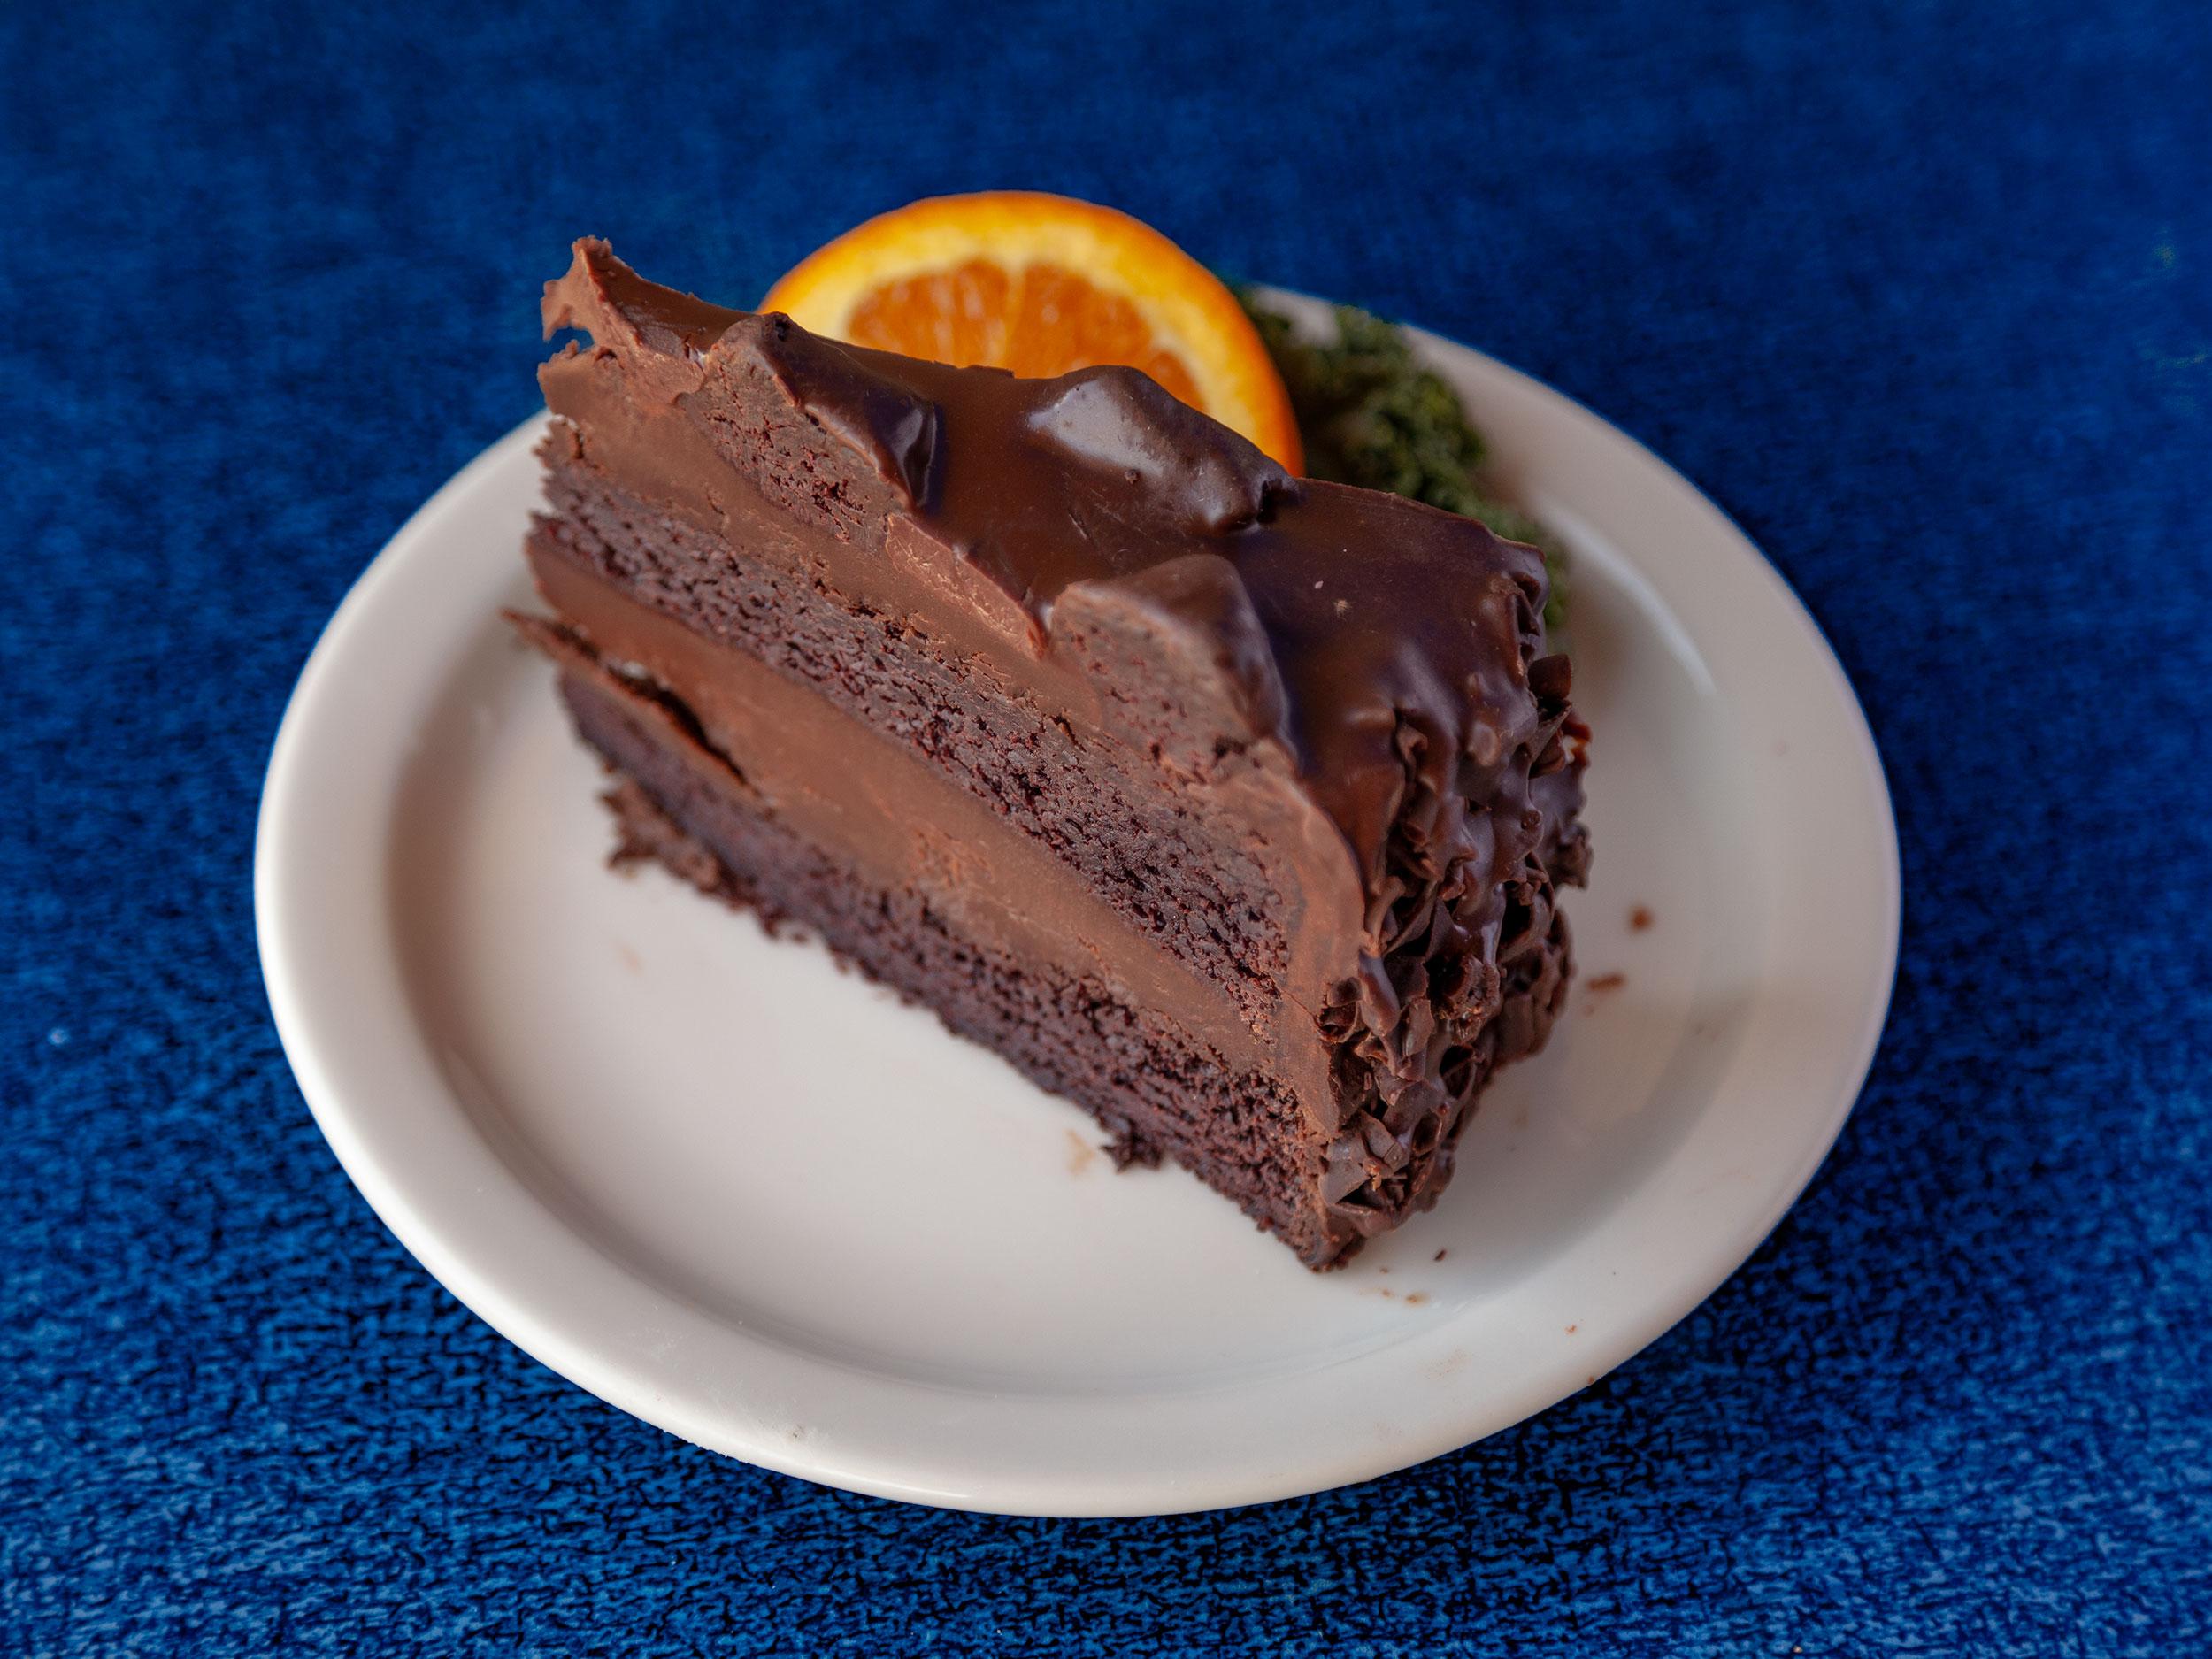 andrias-seafood-dessert-5.jpg